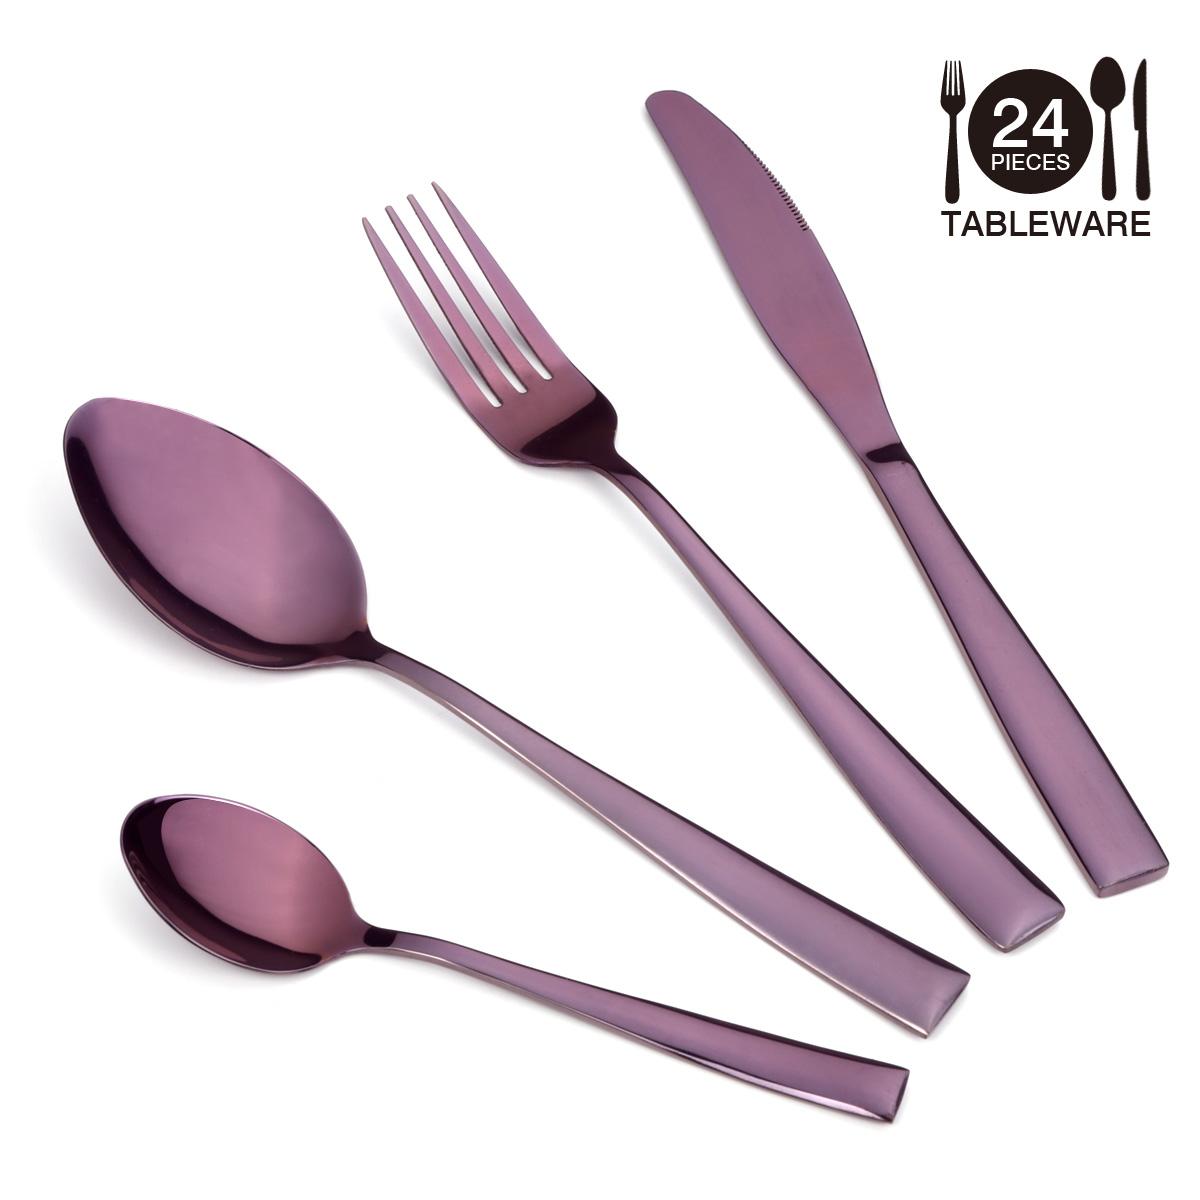 Silverware Set, Lekoton 24 pcs  Purple Stainless Steel Flatware Set Service for 6, Dinner Knife Fork Spoon Utensil Set